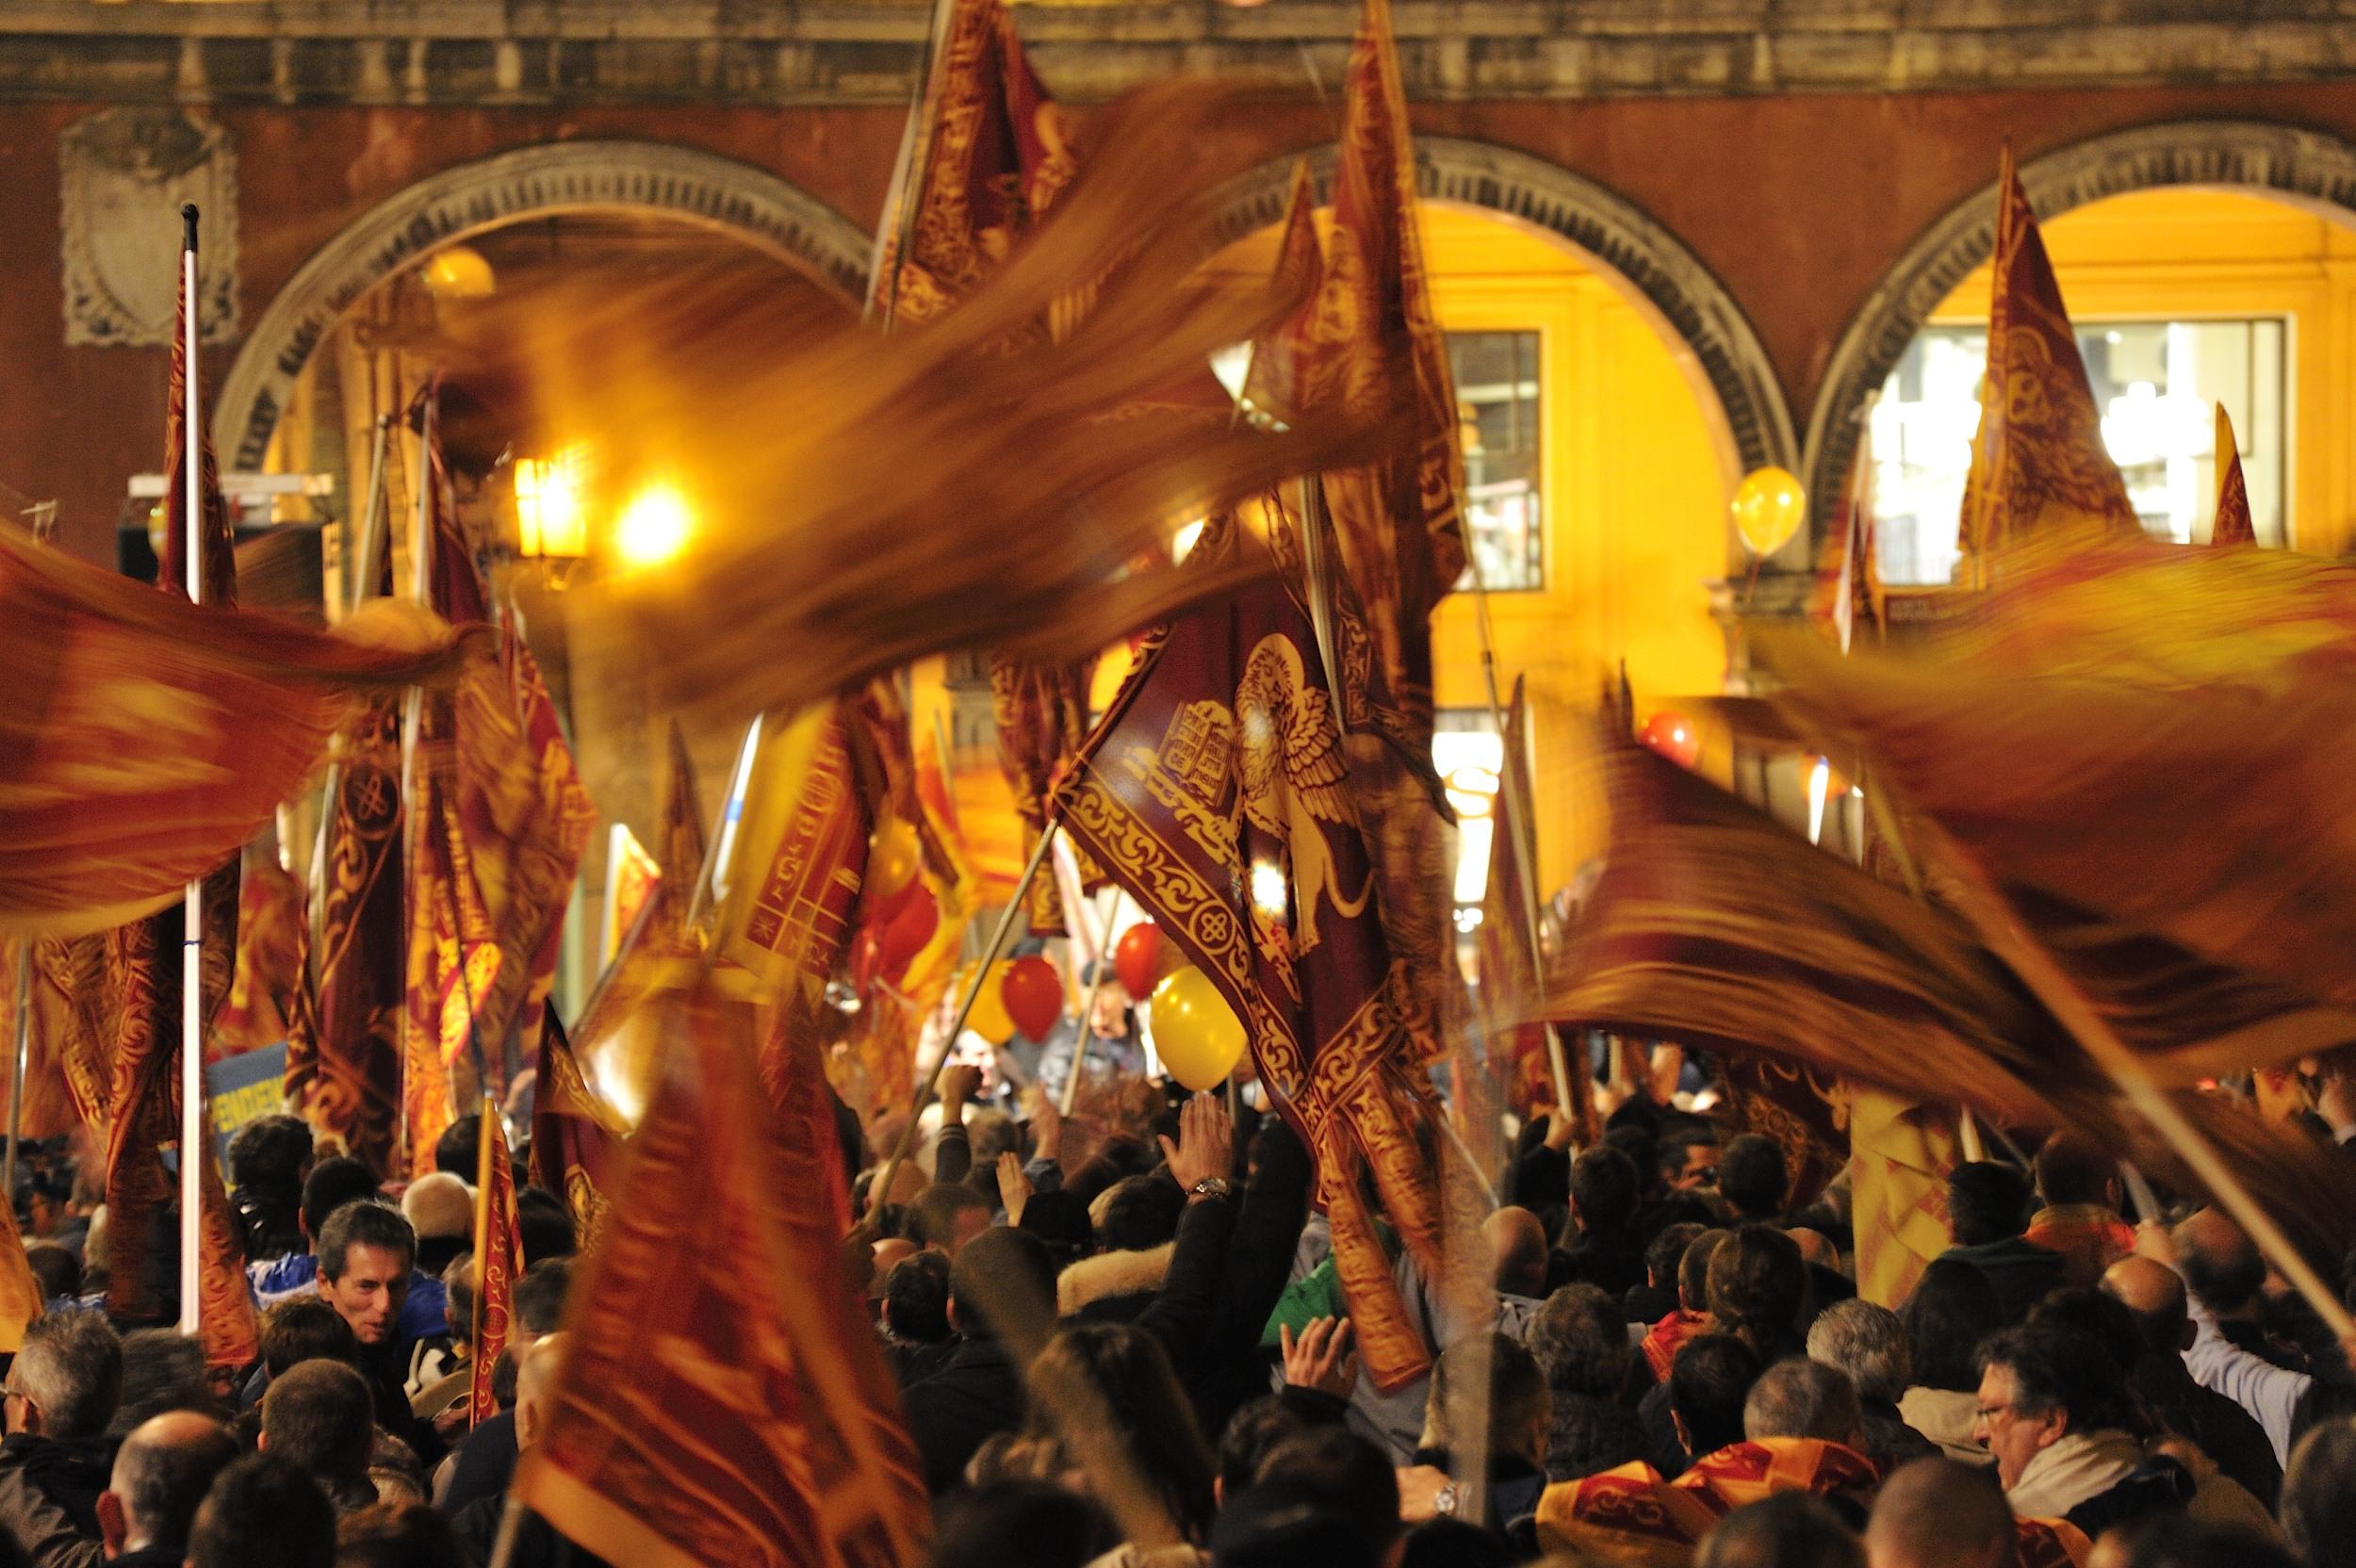 La differenza tra le regioni europee che riprendono con vigore la marcia verso l'indipendenza e il Veneto è dato dalla presenza a Venezia di una dirigenza compromessa con il sistema marcio italiano. È giunta l'ora di sostenere l'organizzazione che ha saputo imporre la questione veneta nel mondo. L'elezione di Carles Puigdemont quale 130° Presidente della […]